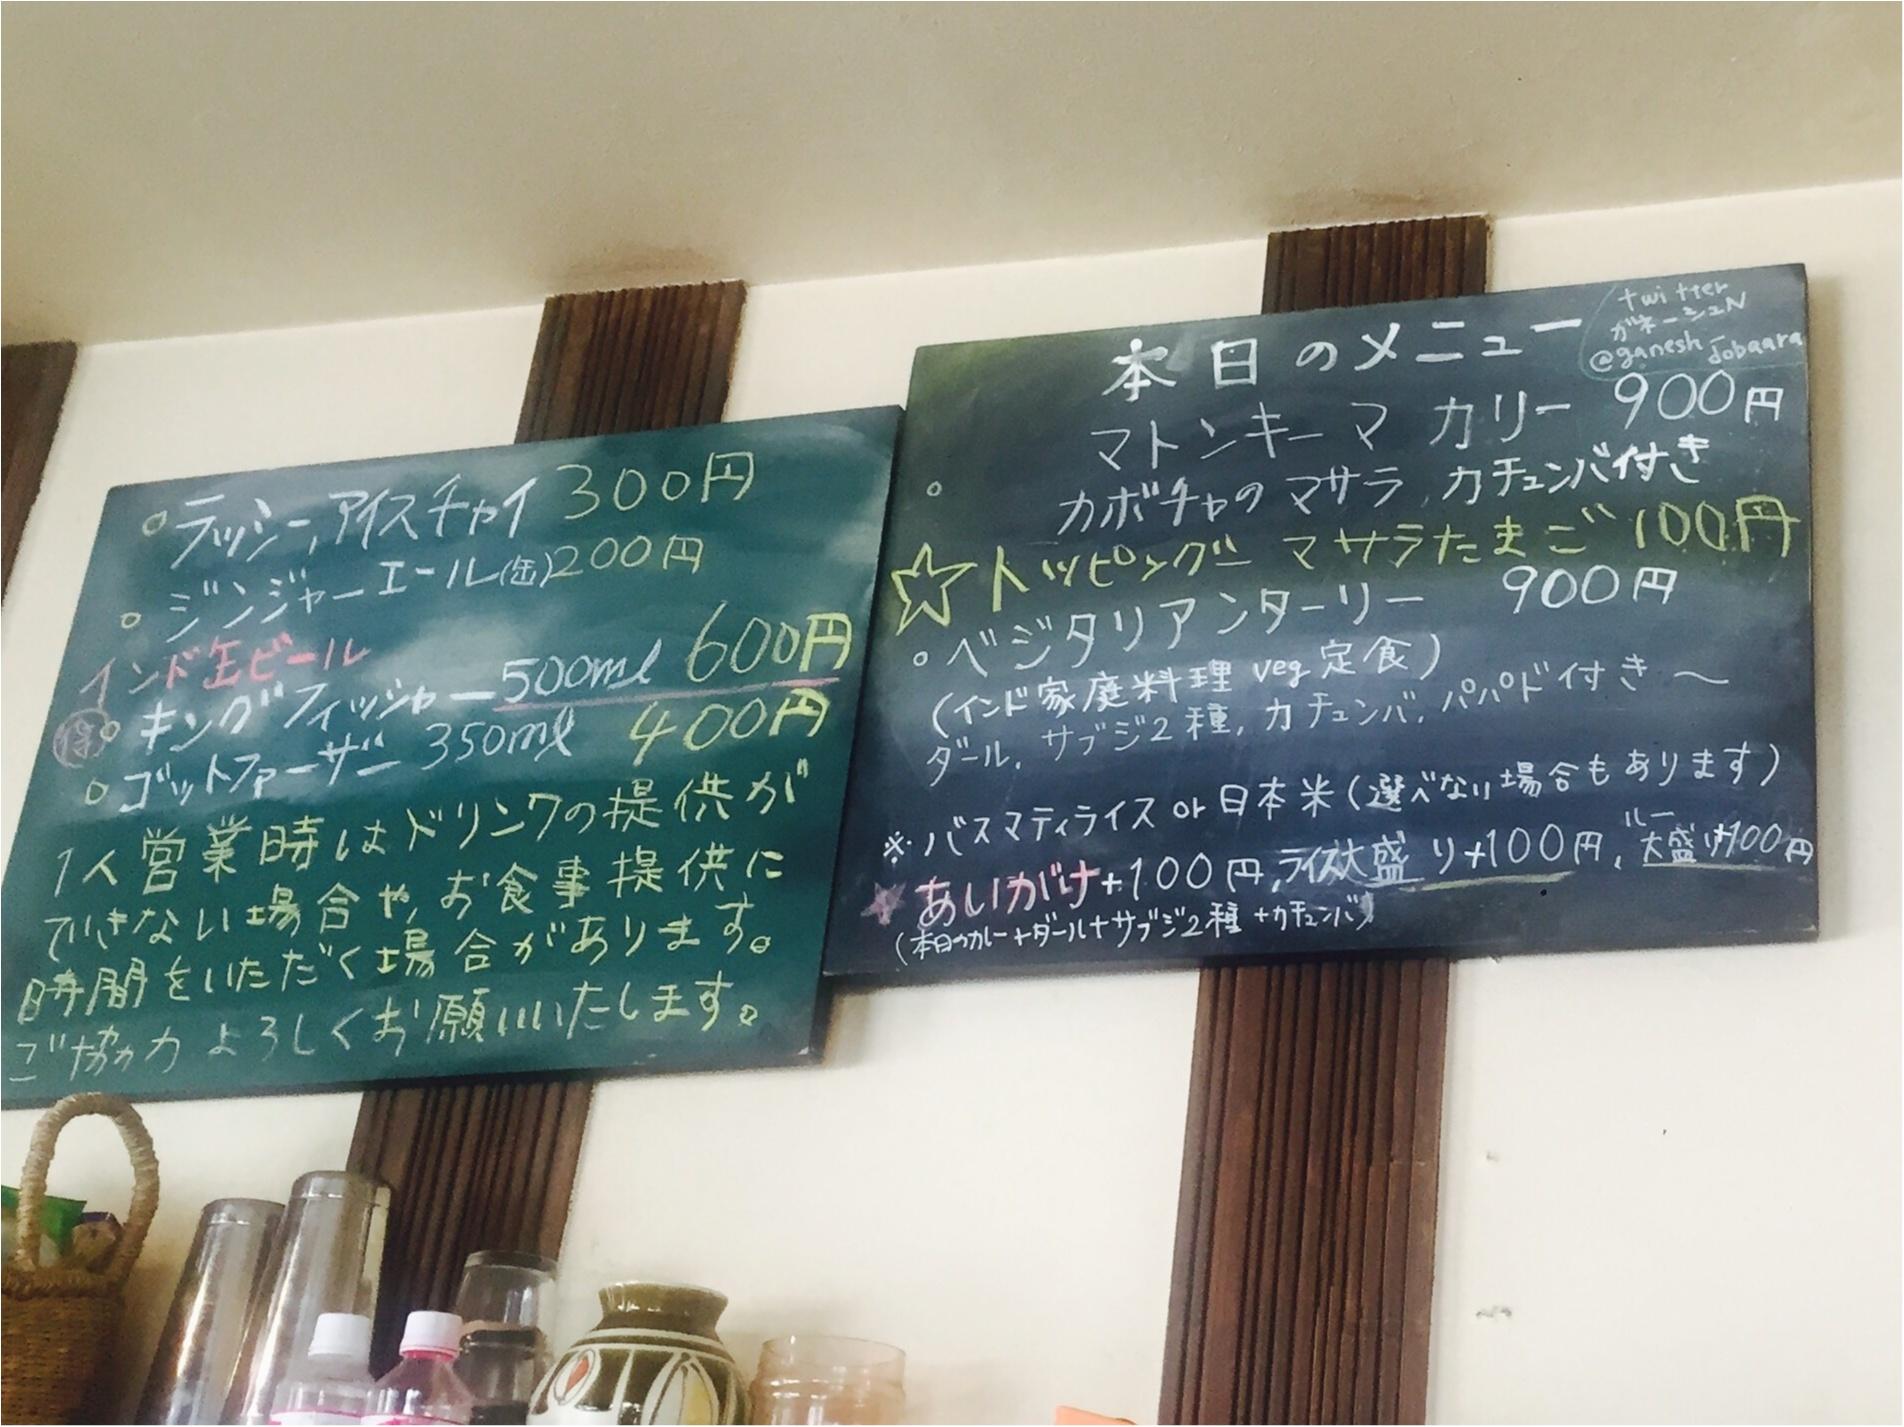 フォトジェニックなカレーを食べよう!大阪のスパイスカレーの女王♡ガネーシュN!_1